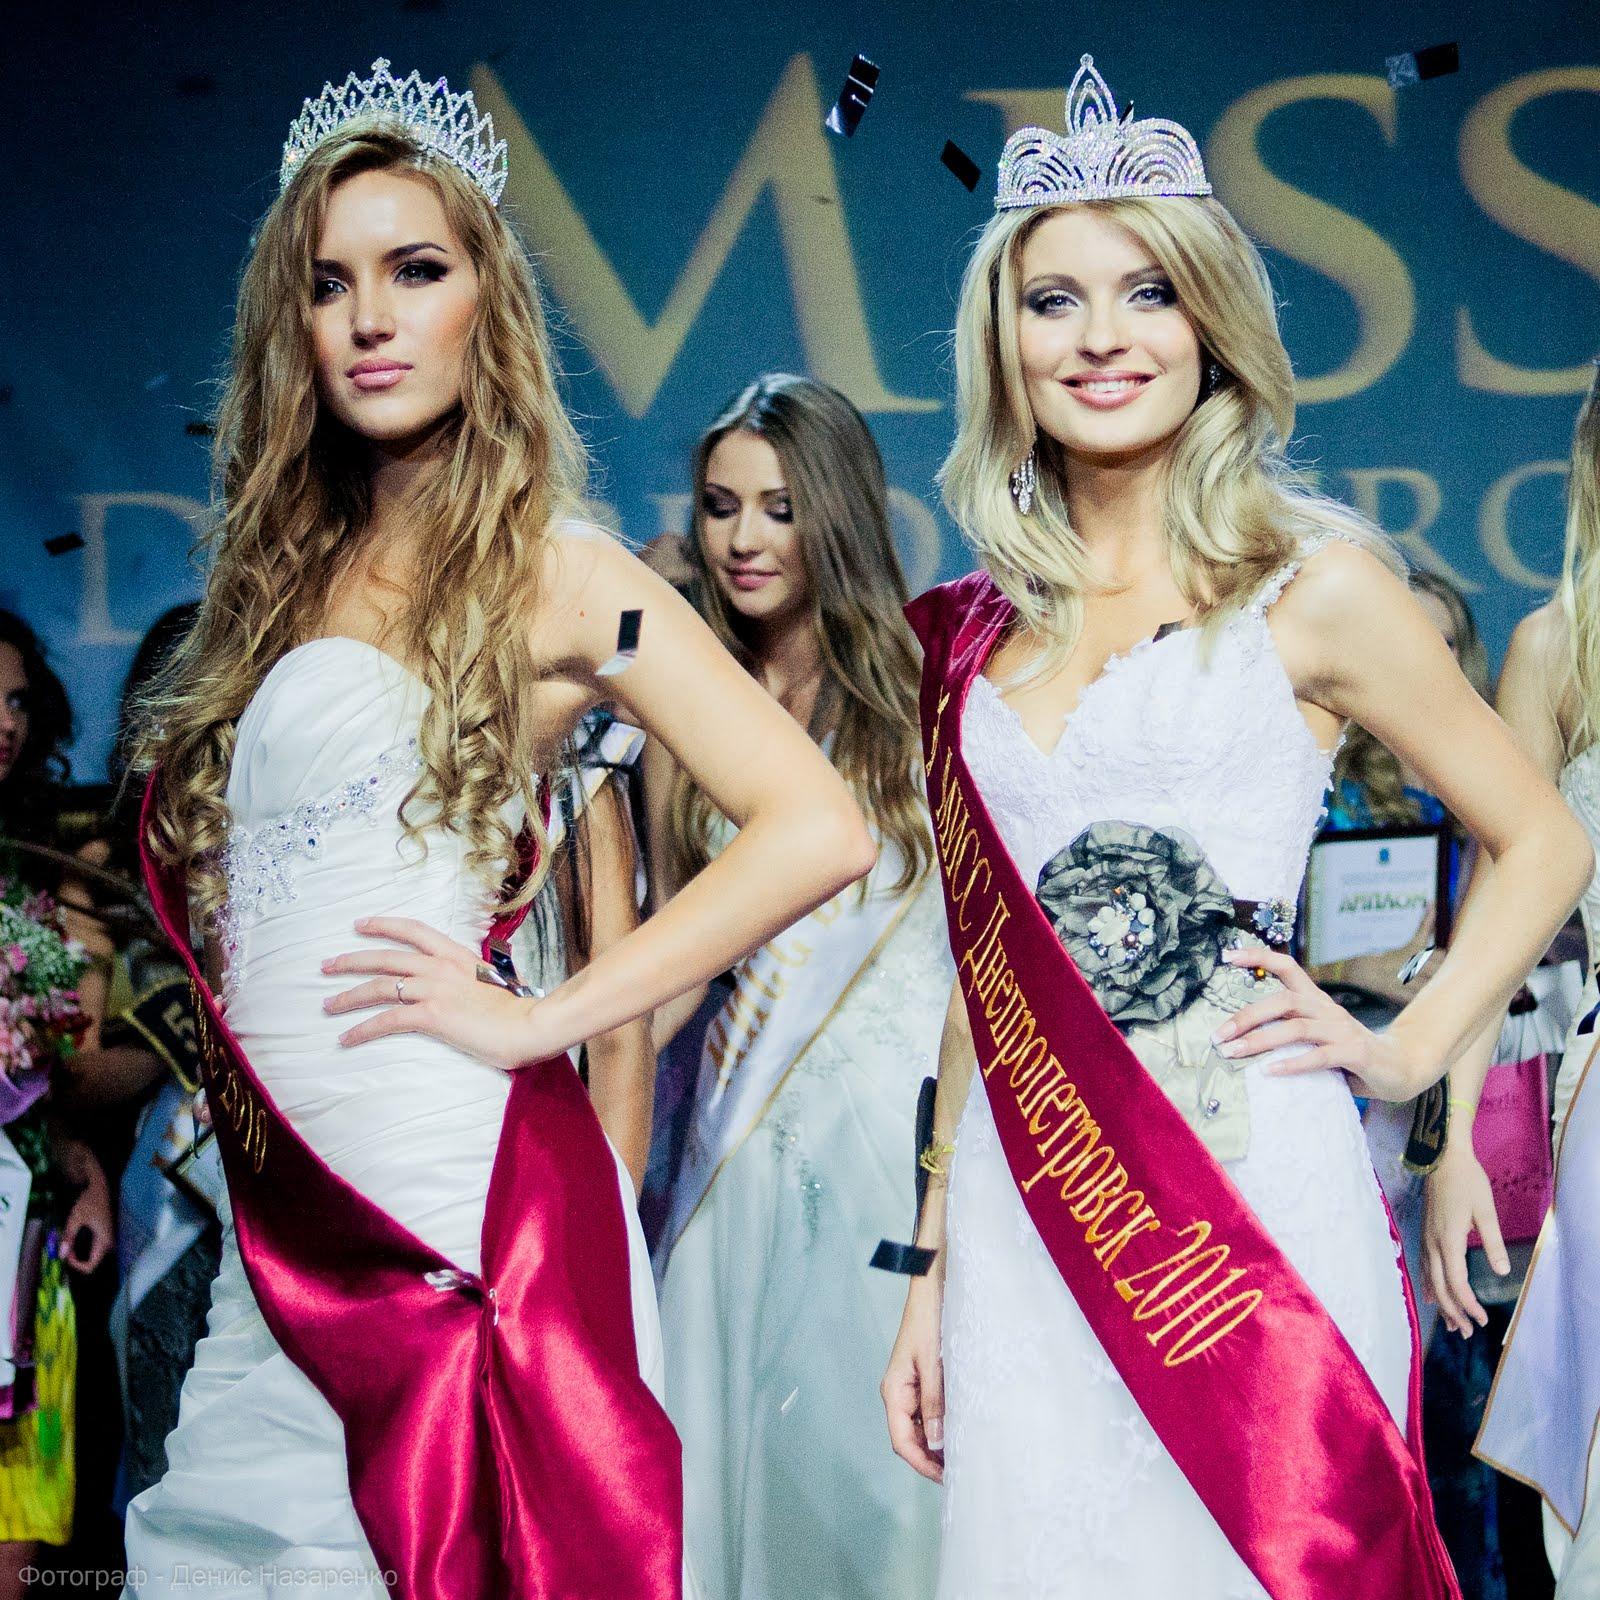 Титулы мисс днепропетровск 2010 и мисс